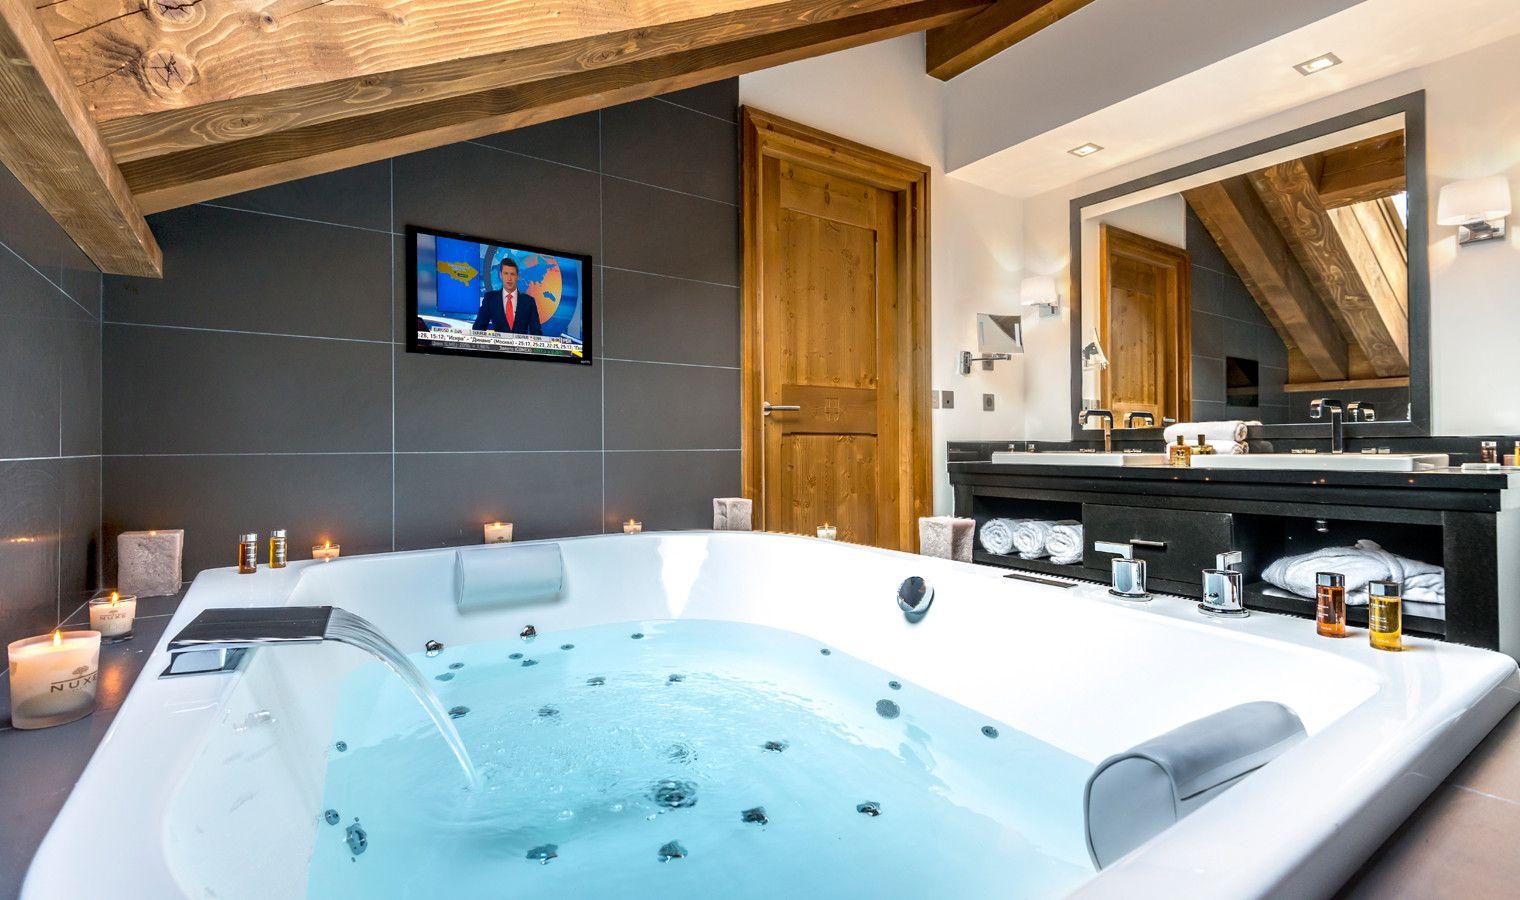 1000 images about chambres suites de luxe on pinterest satin chic and hotels - Salle De Bain De Luxe Avec Jacuzzi